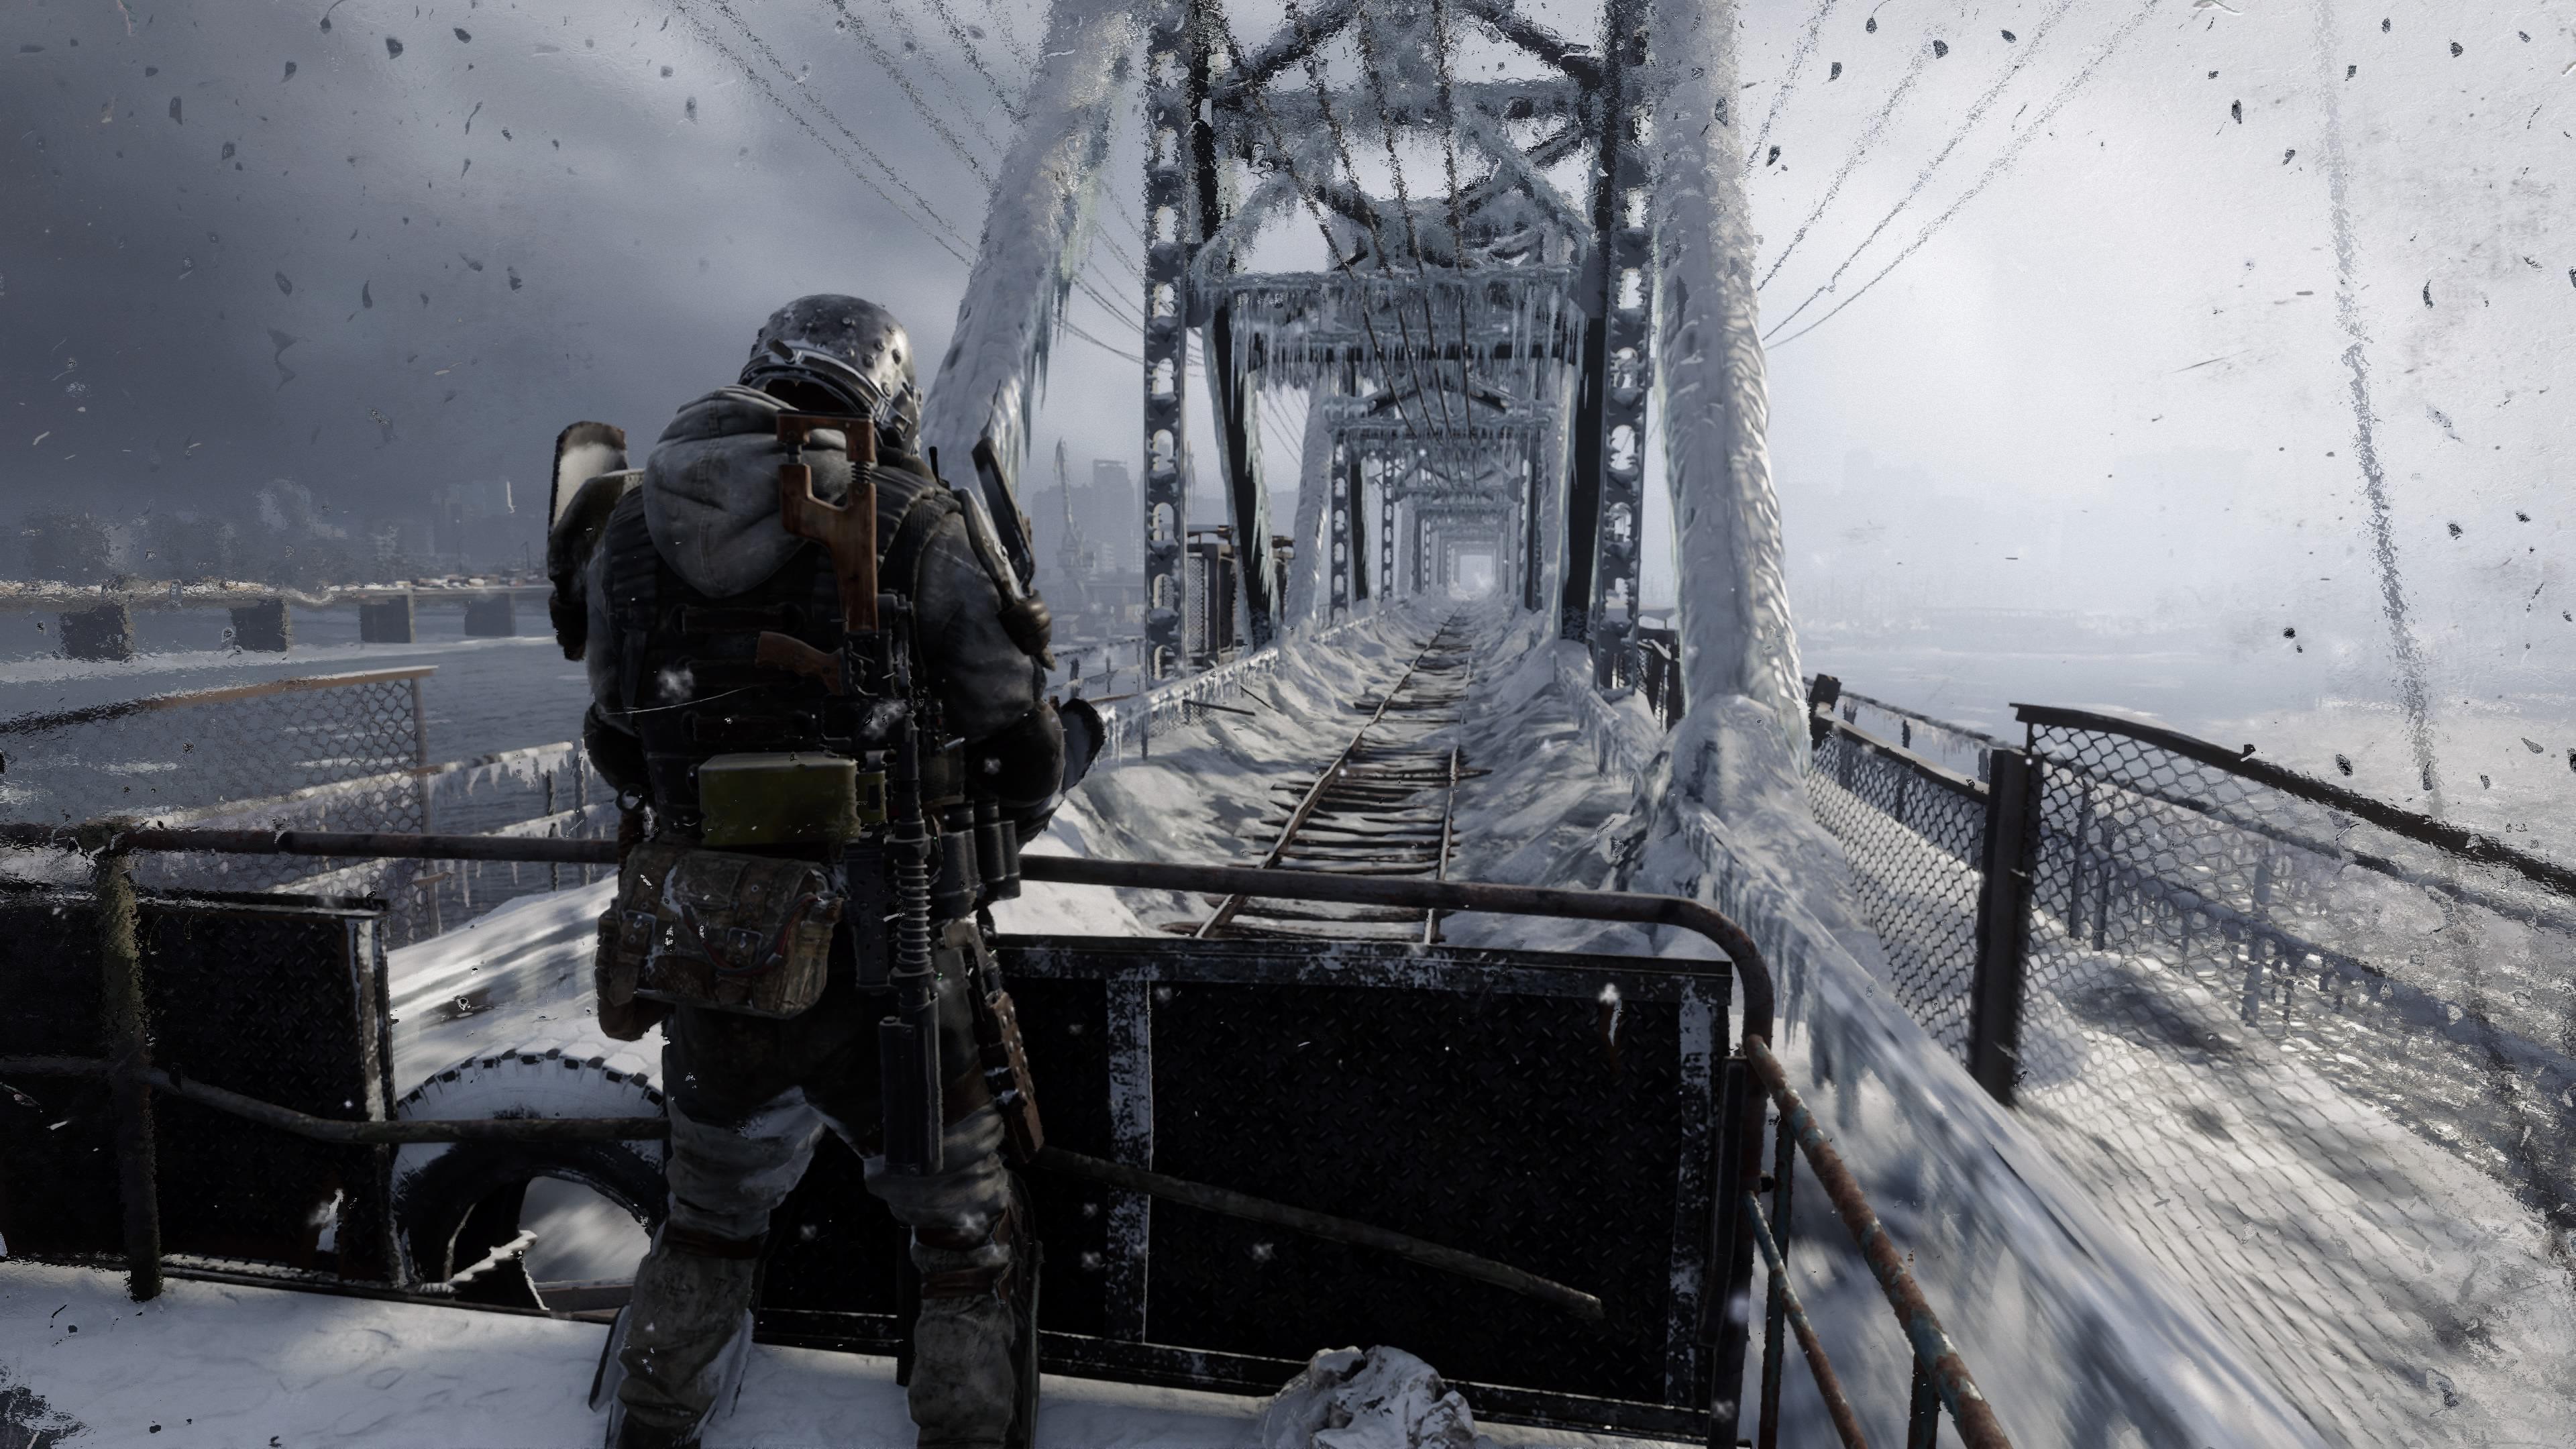 《地铁:逃离》首发评测:这里的世界没有站台